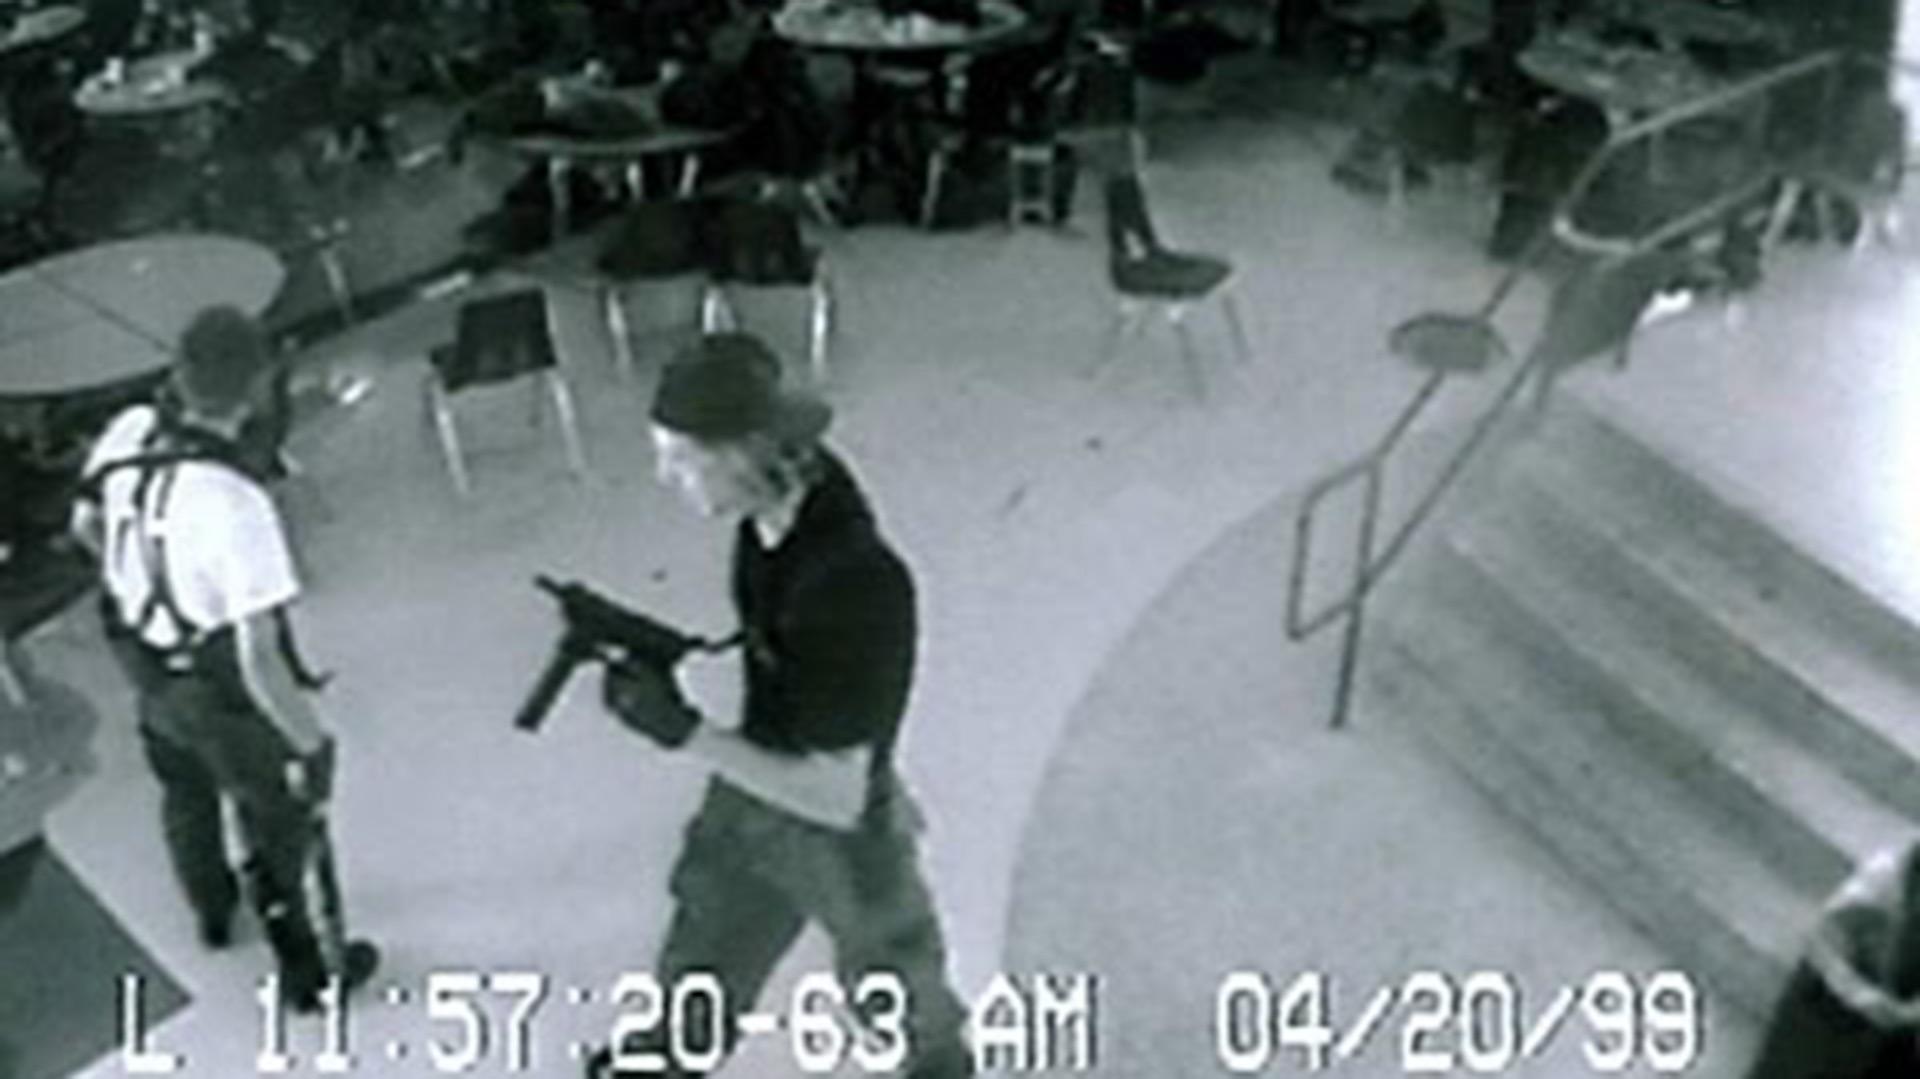 Dos adolescentes mataron a 12 compañeros de escuela y a un profesor en abril de 1999 (Foto: Archivo)